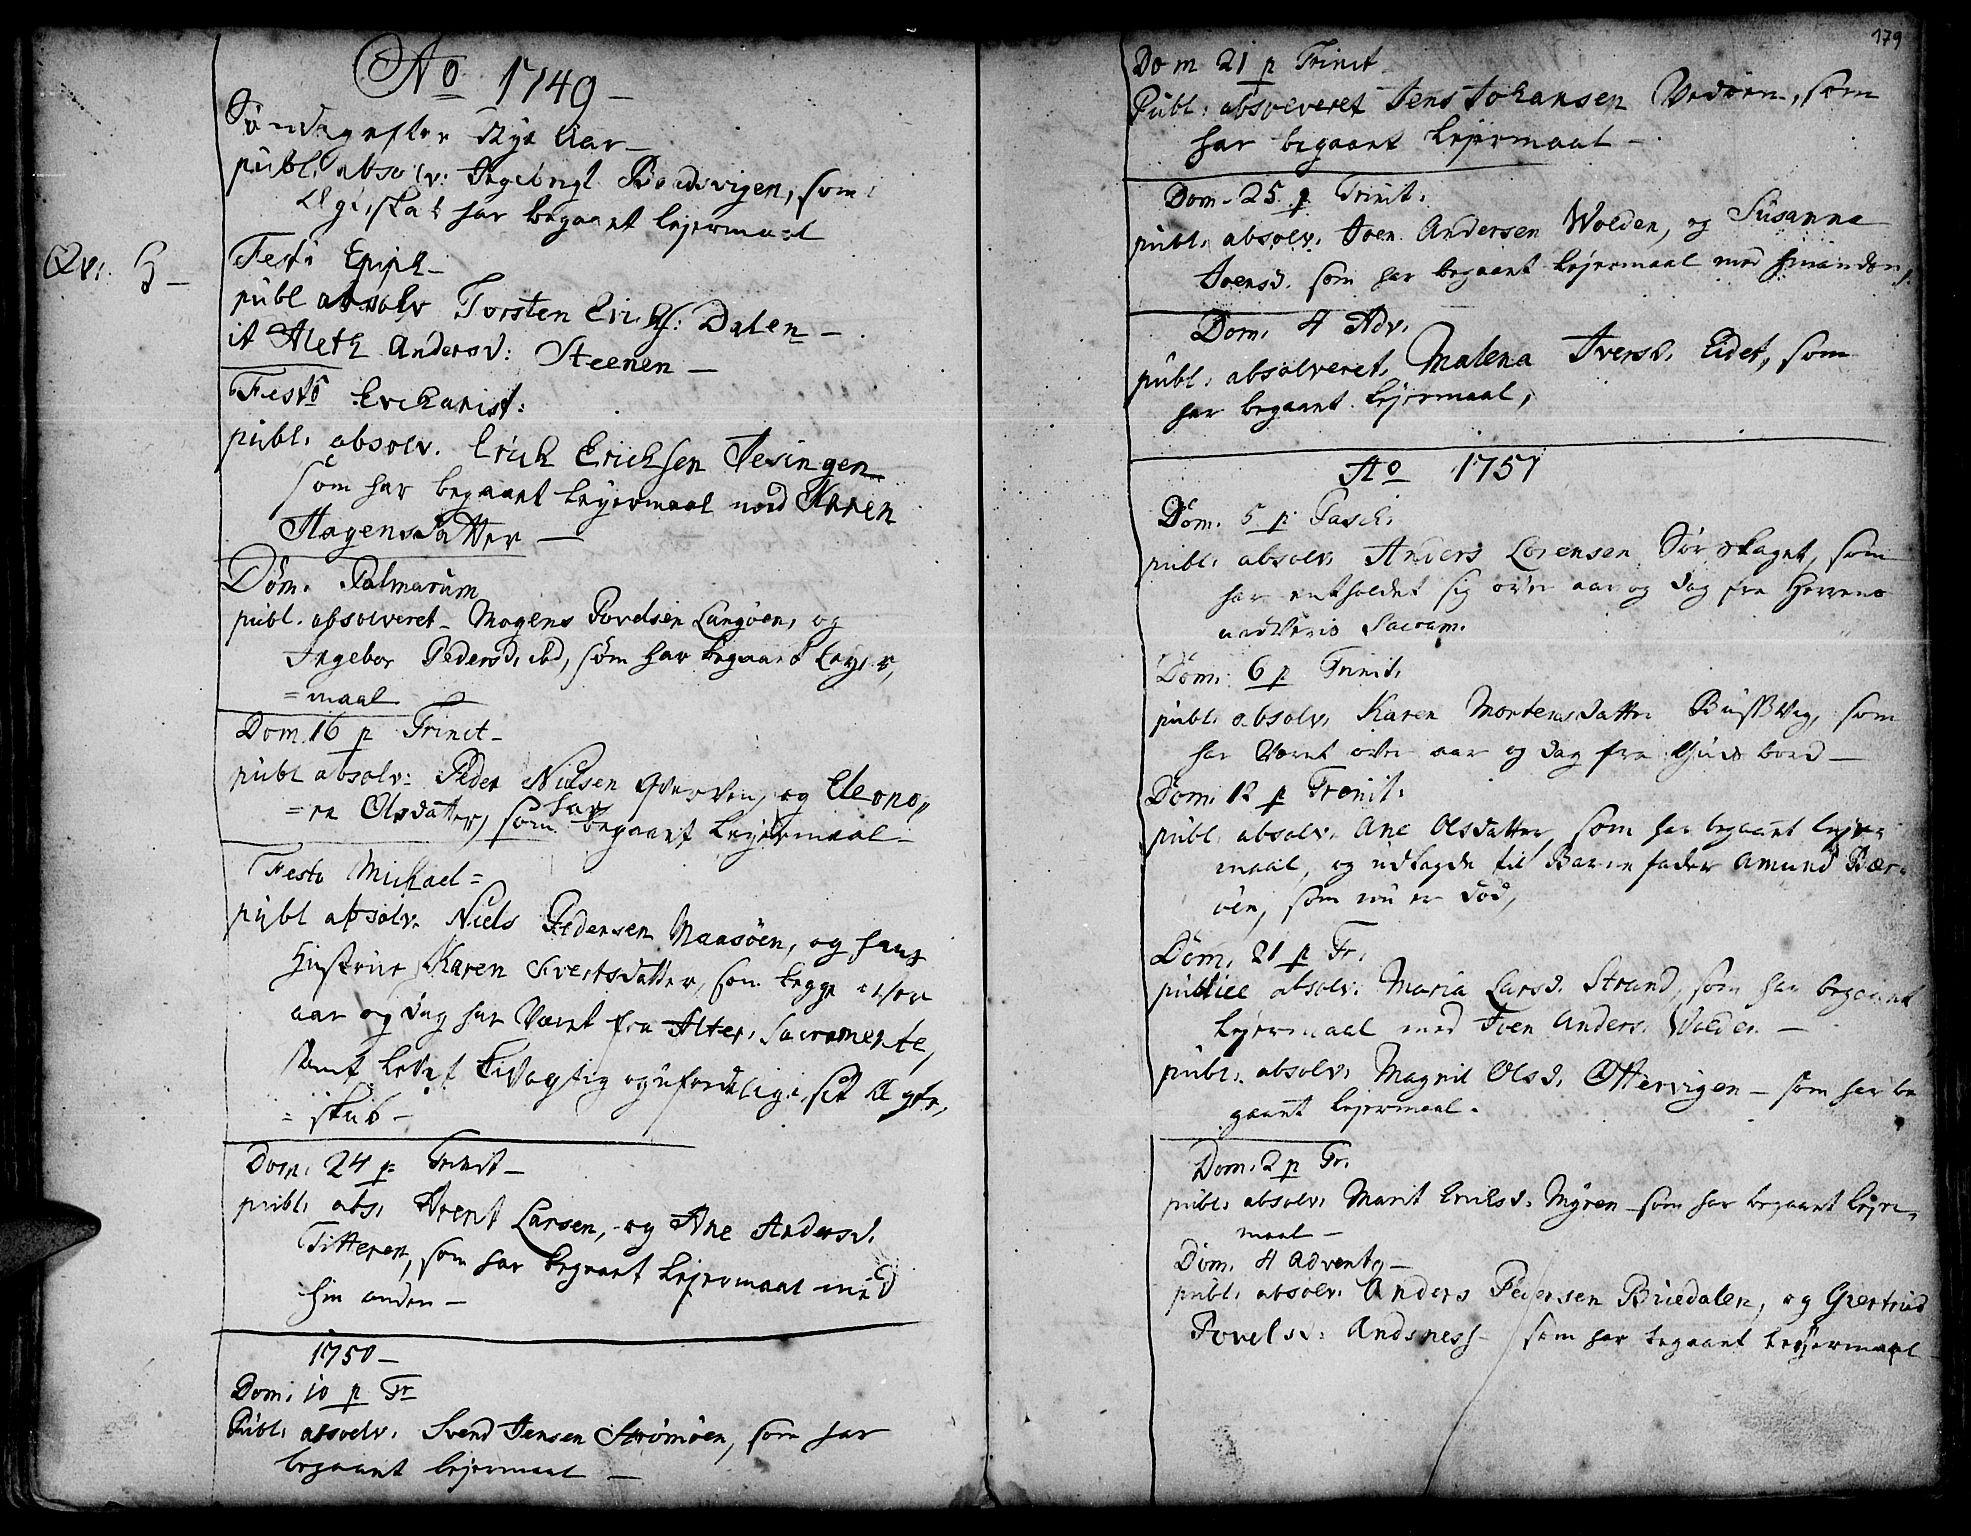 SAT, Ministerialprotokoller, klokkerbøker og fødselsregistre - Sør-Trøndelag, 634/L0525: Ministerialbok nr. 634A01, 1736-1775, s. 179